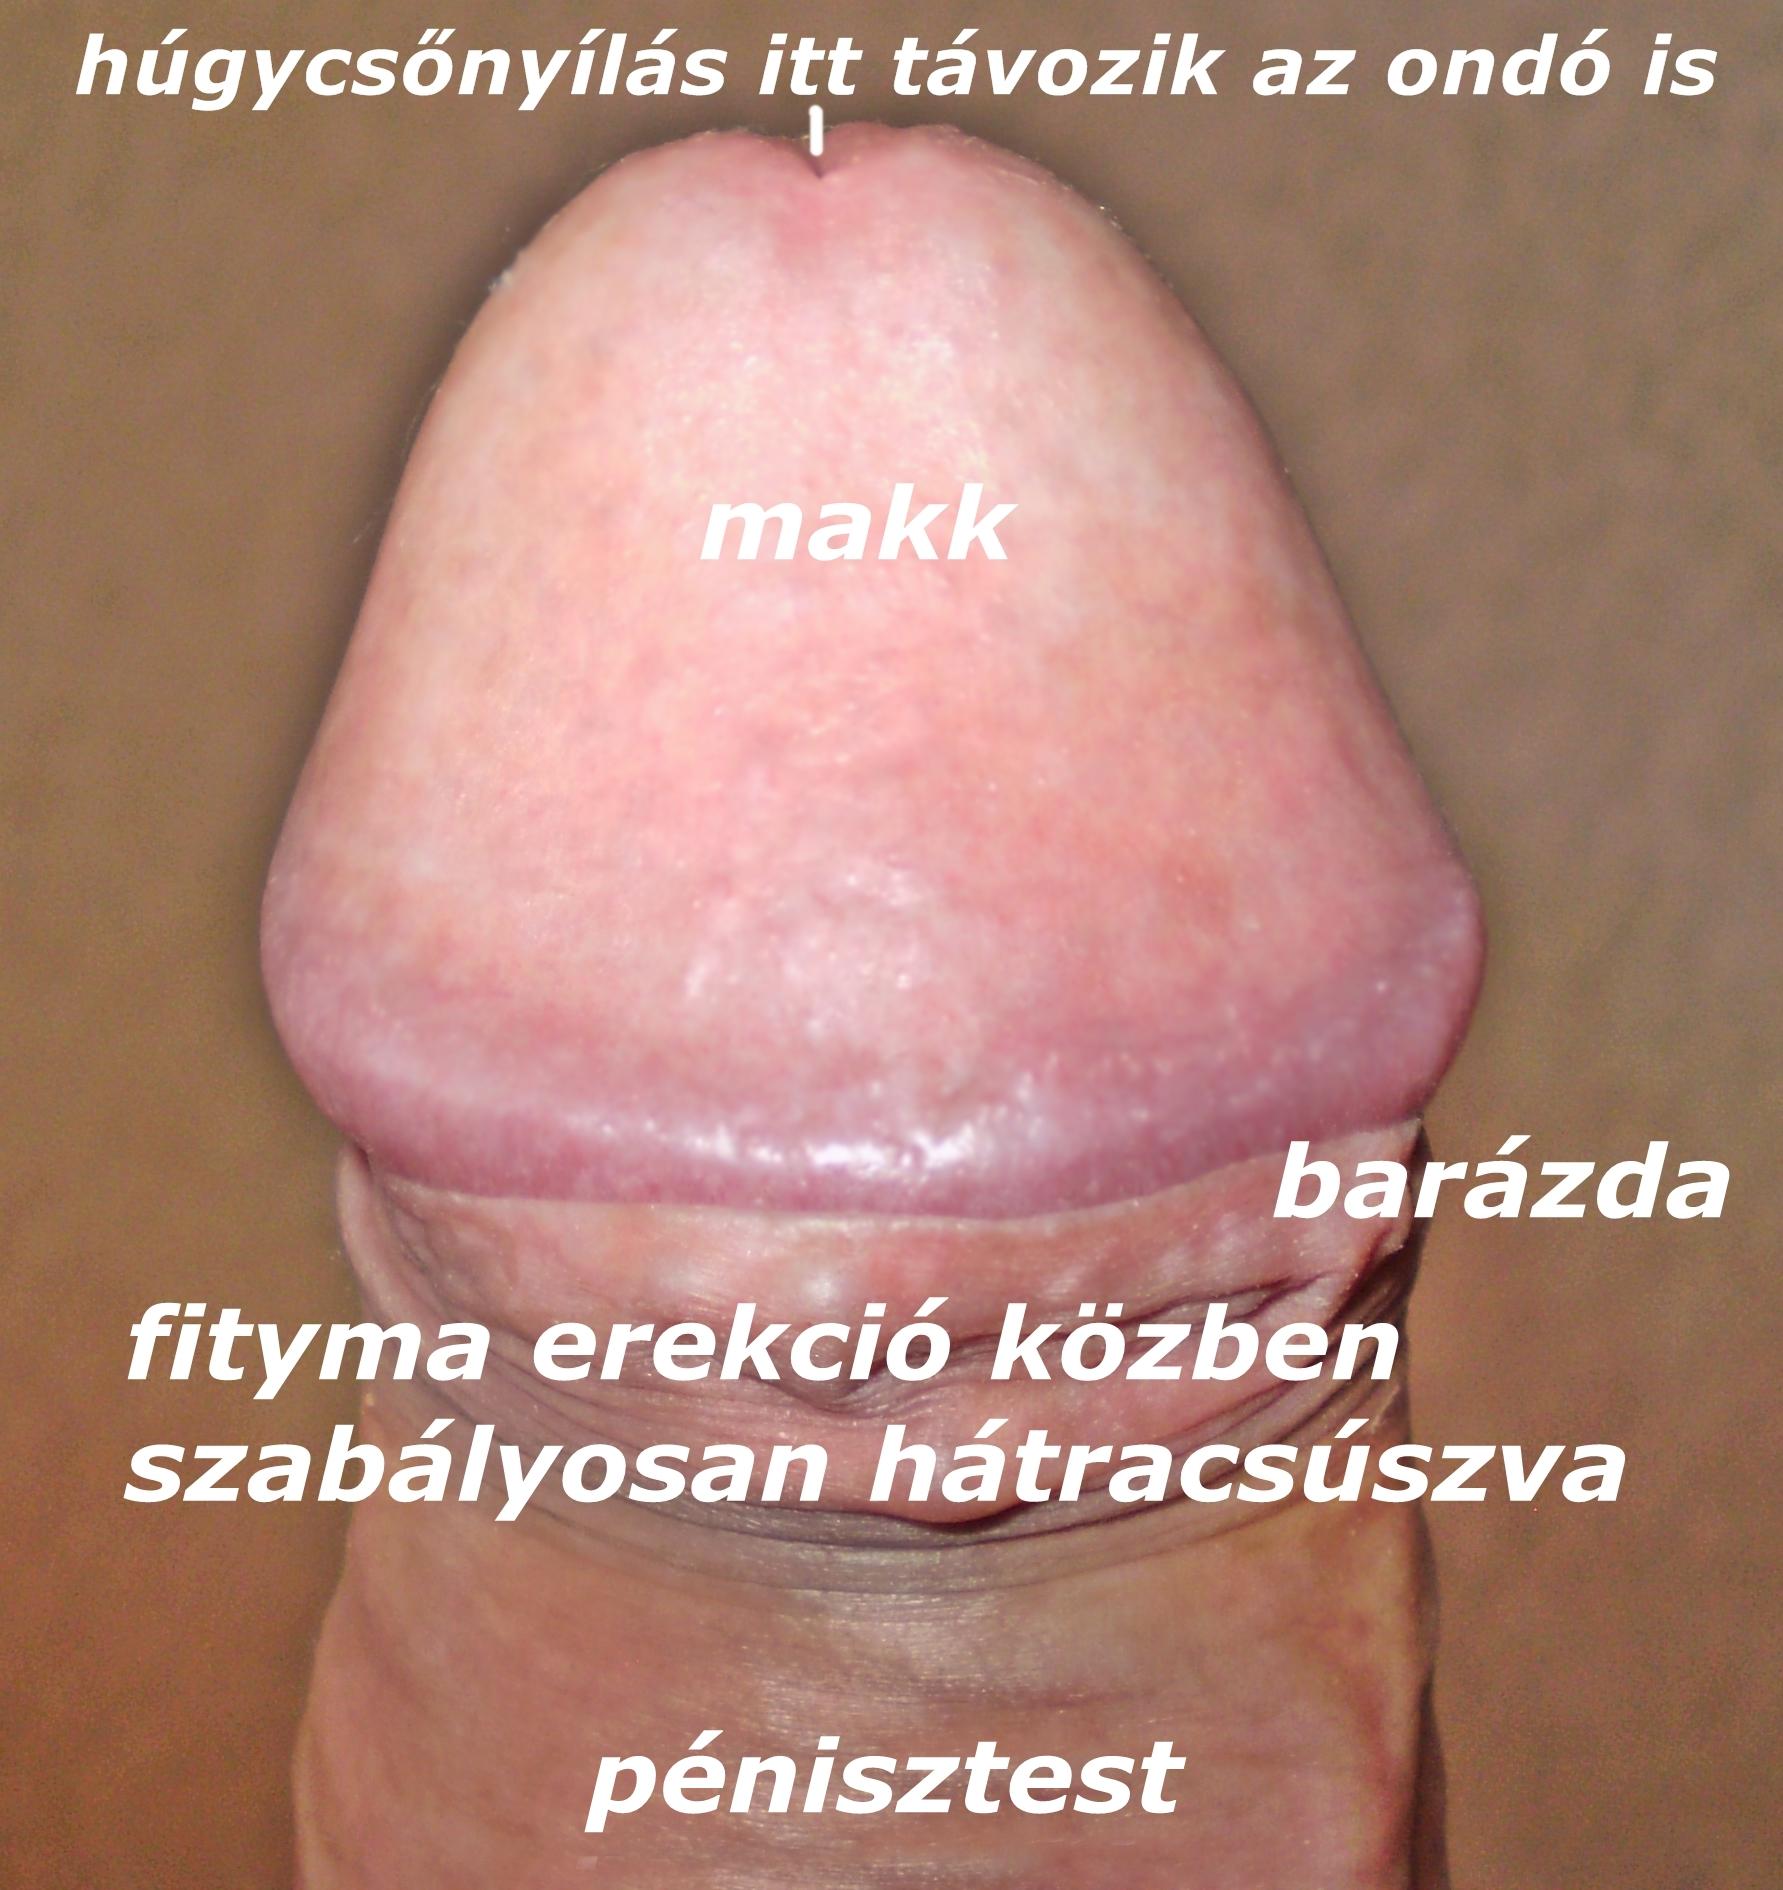 szemölcsök a testen férfiaknál)